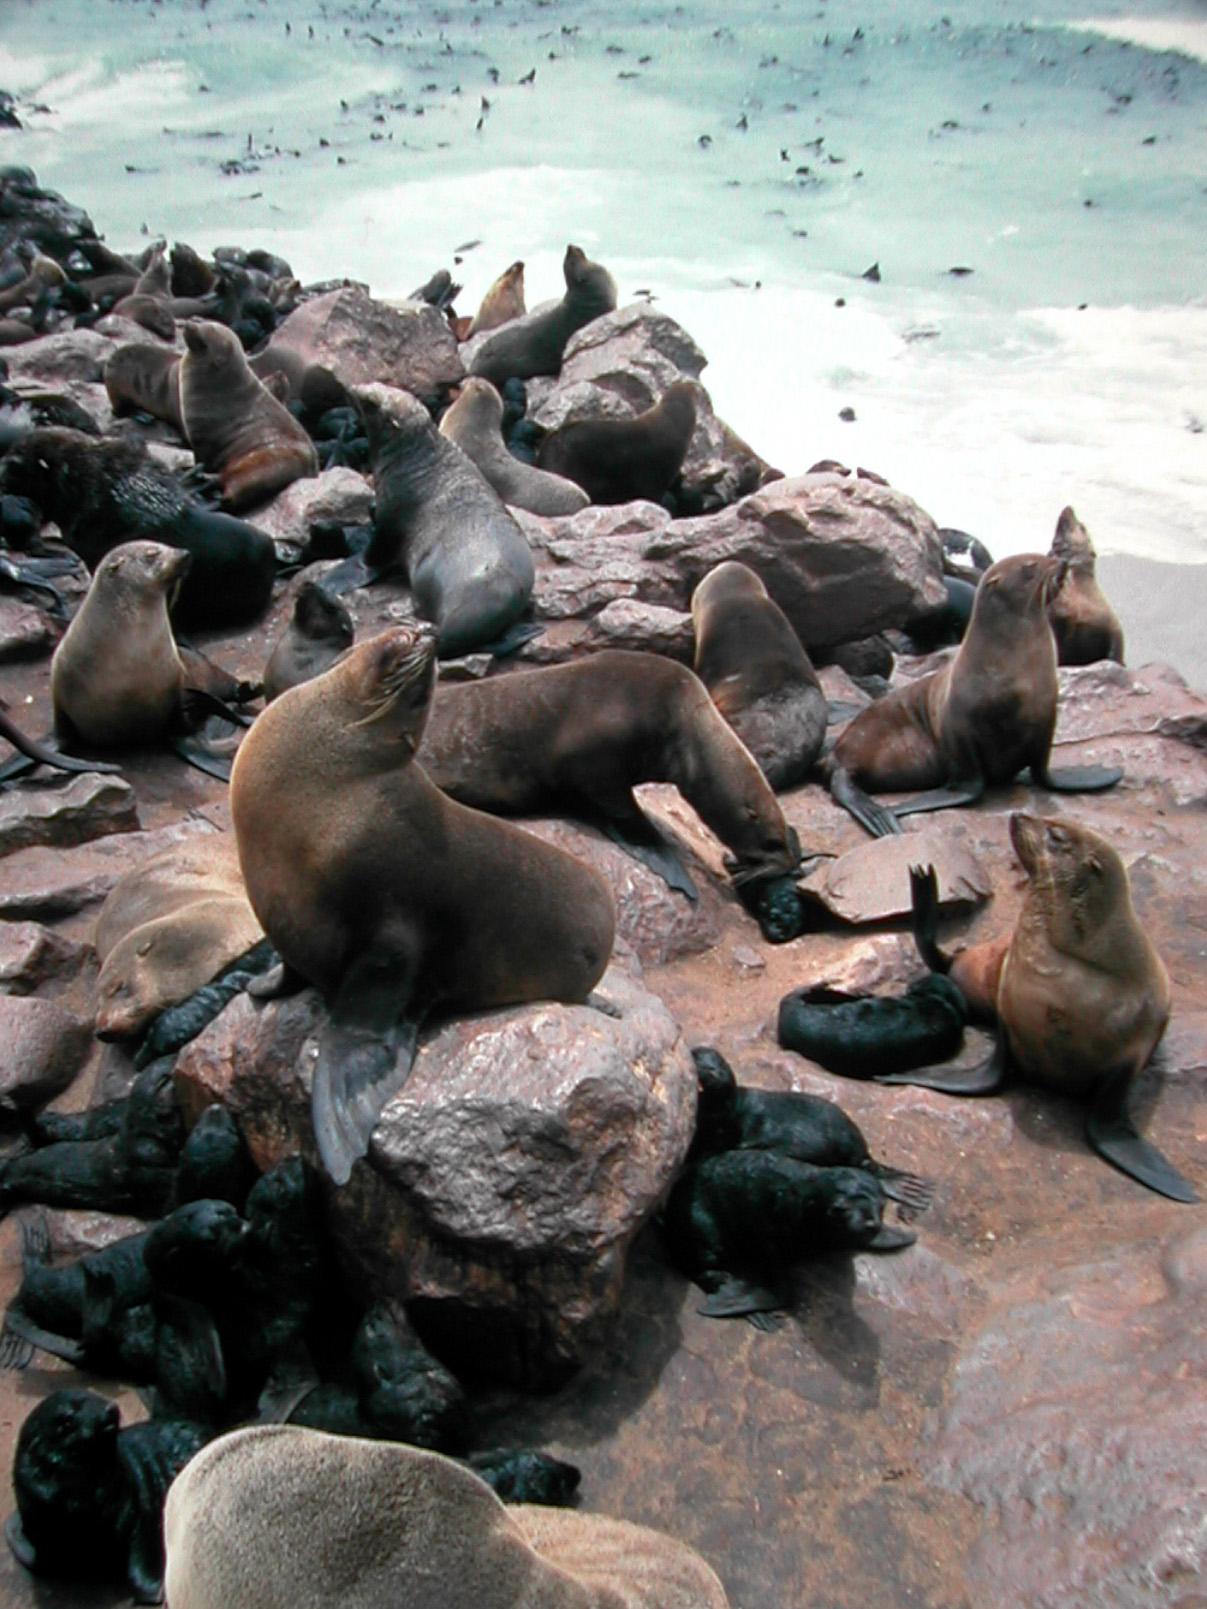 Fur seal  Wikipedia